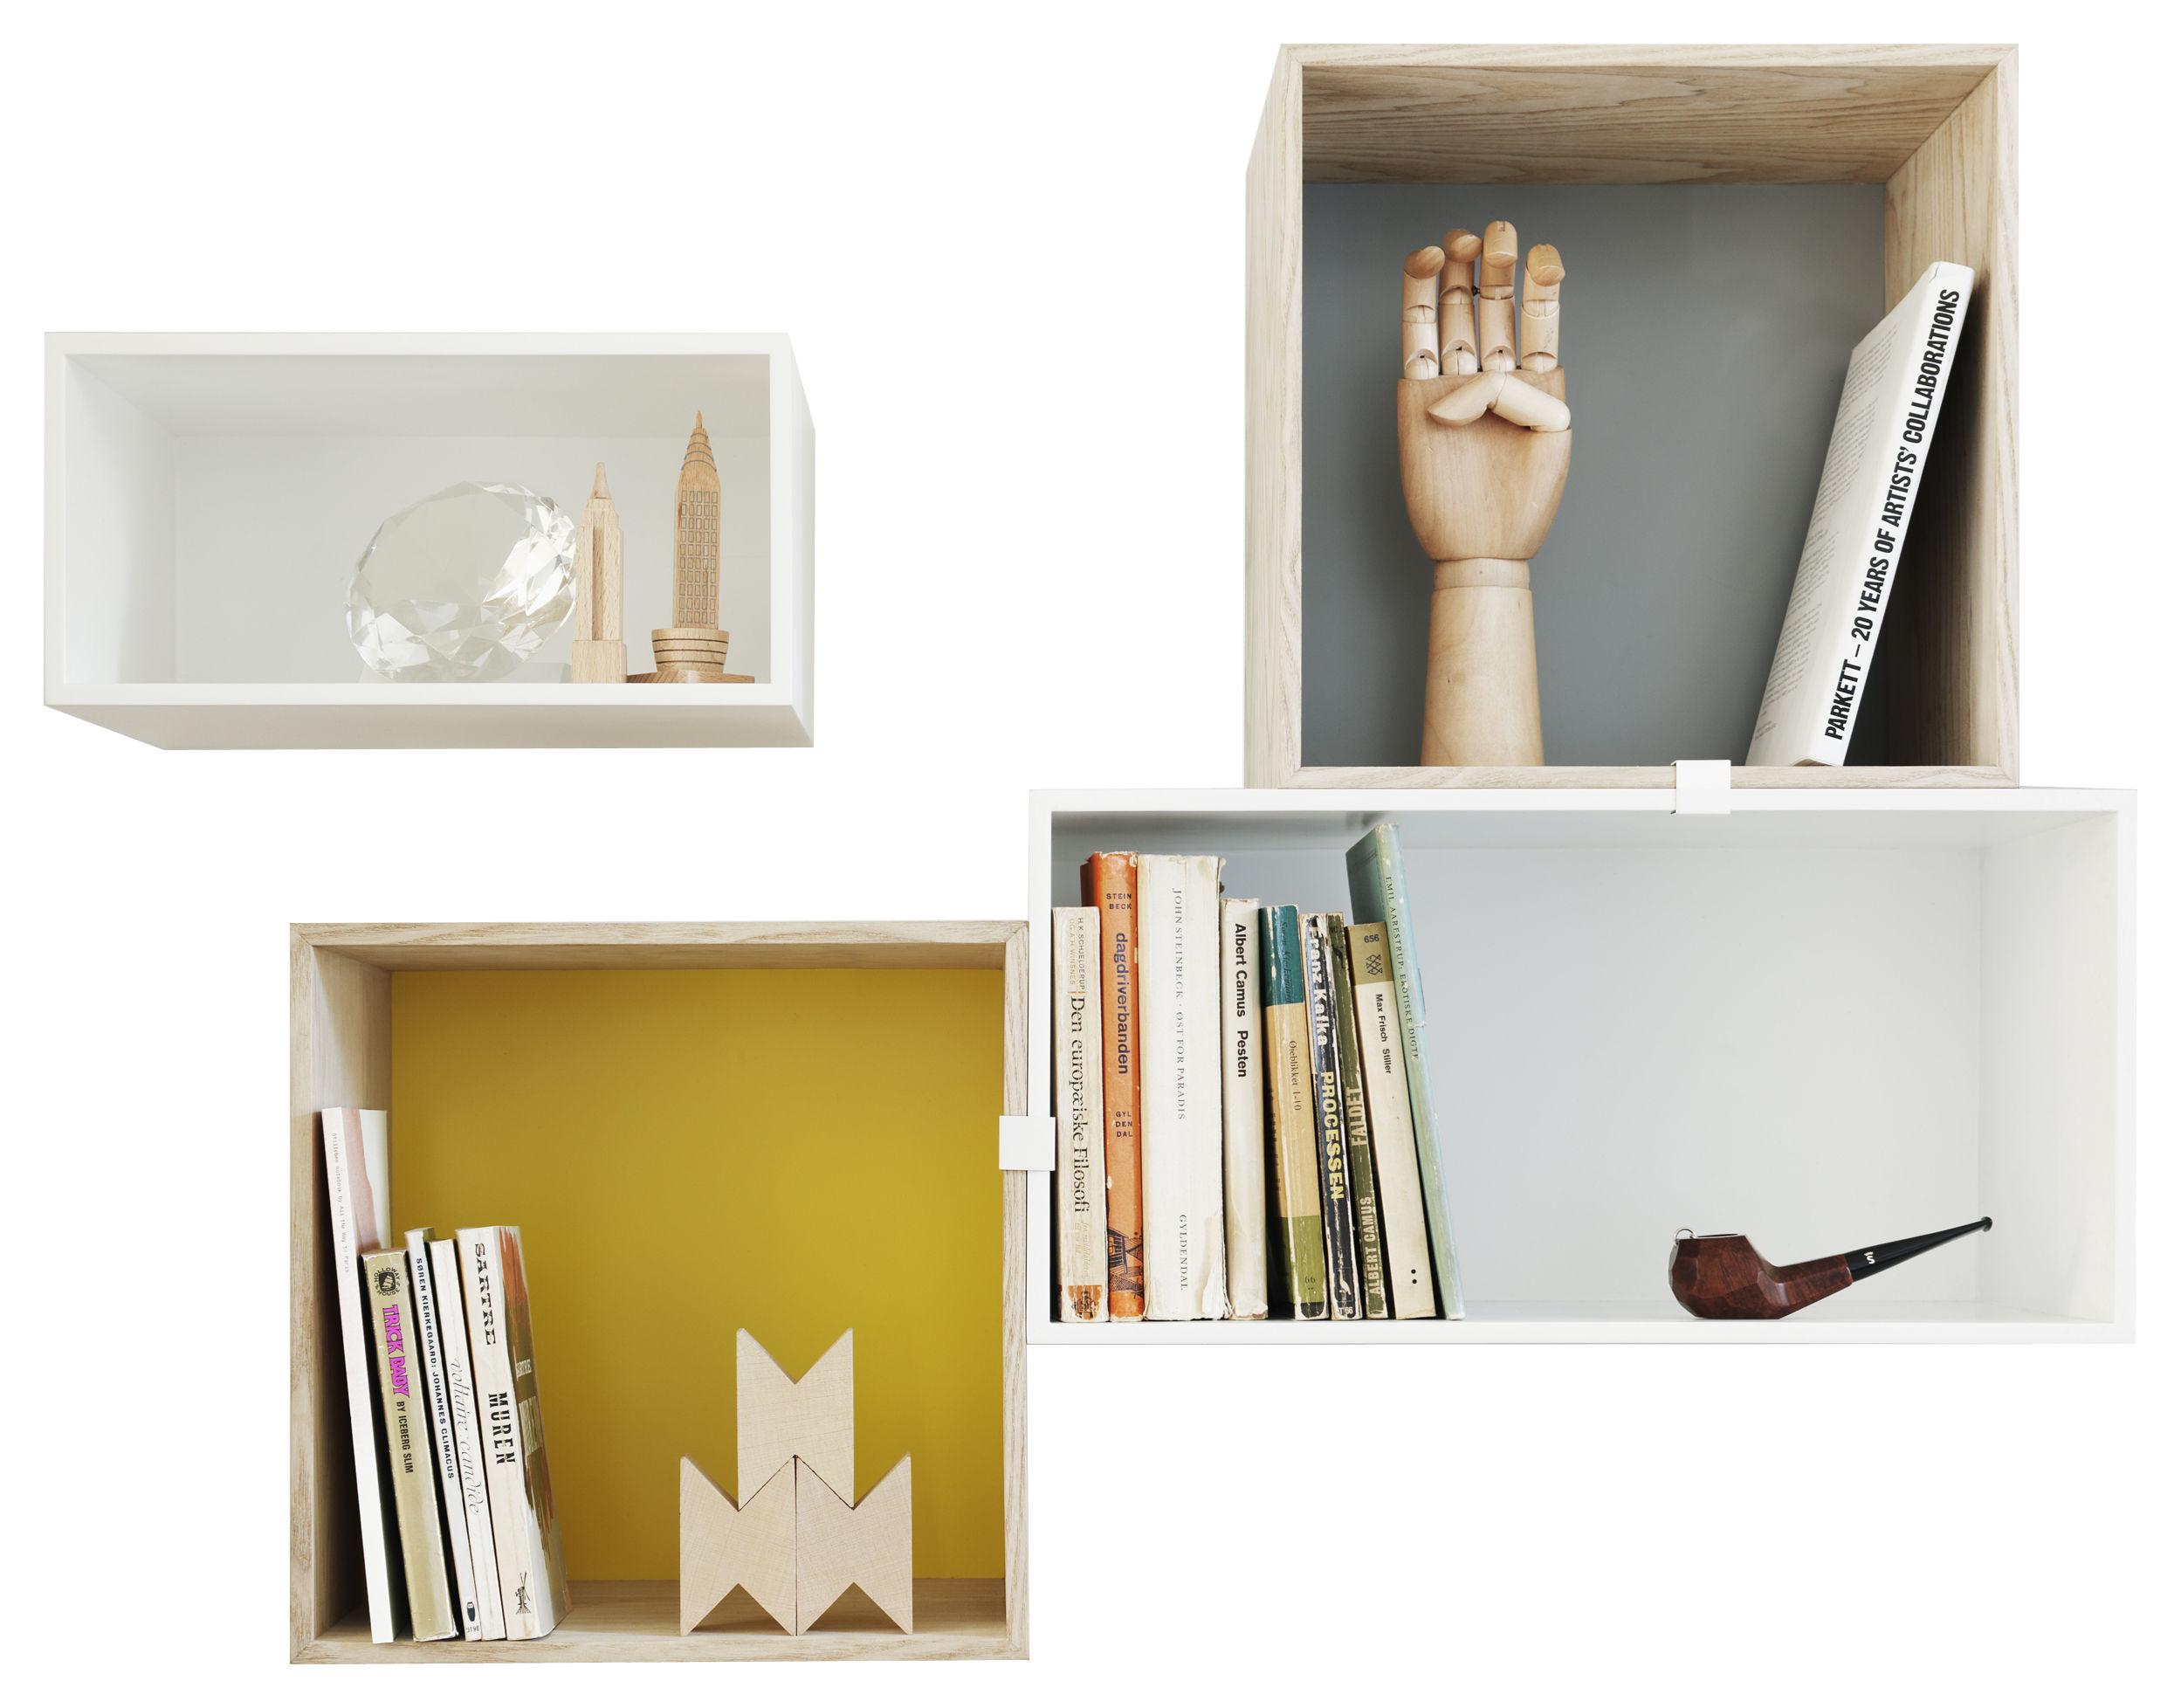 Möbel - Regale und Bücherregale - Mini Stacked Regal Kombination 4 / 4 Module - Muuto - Weiß / Esche / Rückwände gelb & grau - Holzfaserplatte